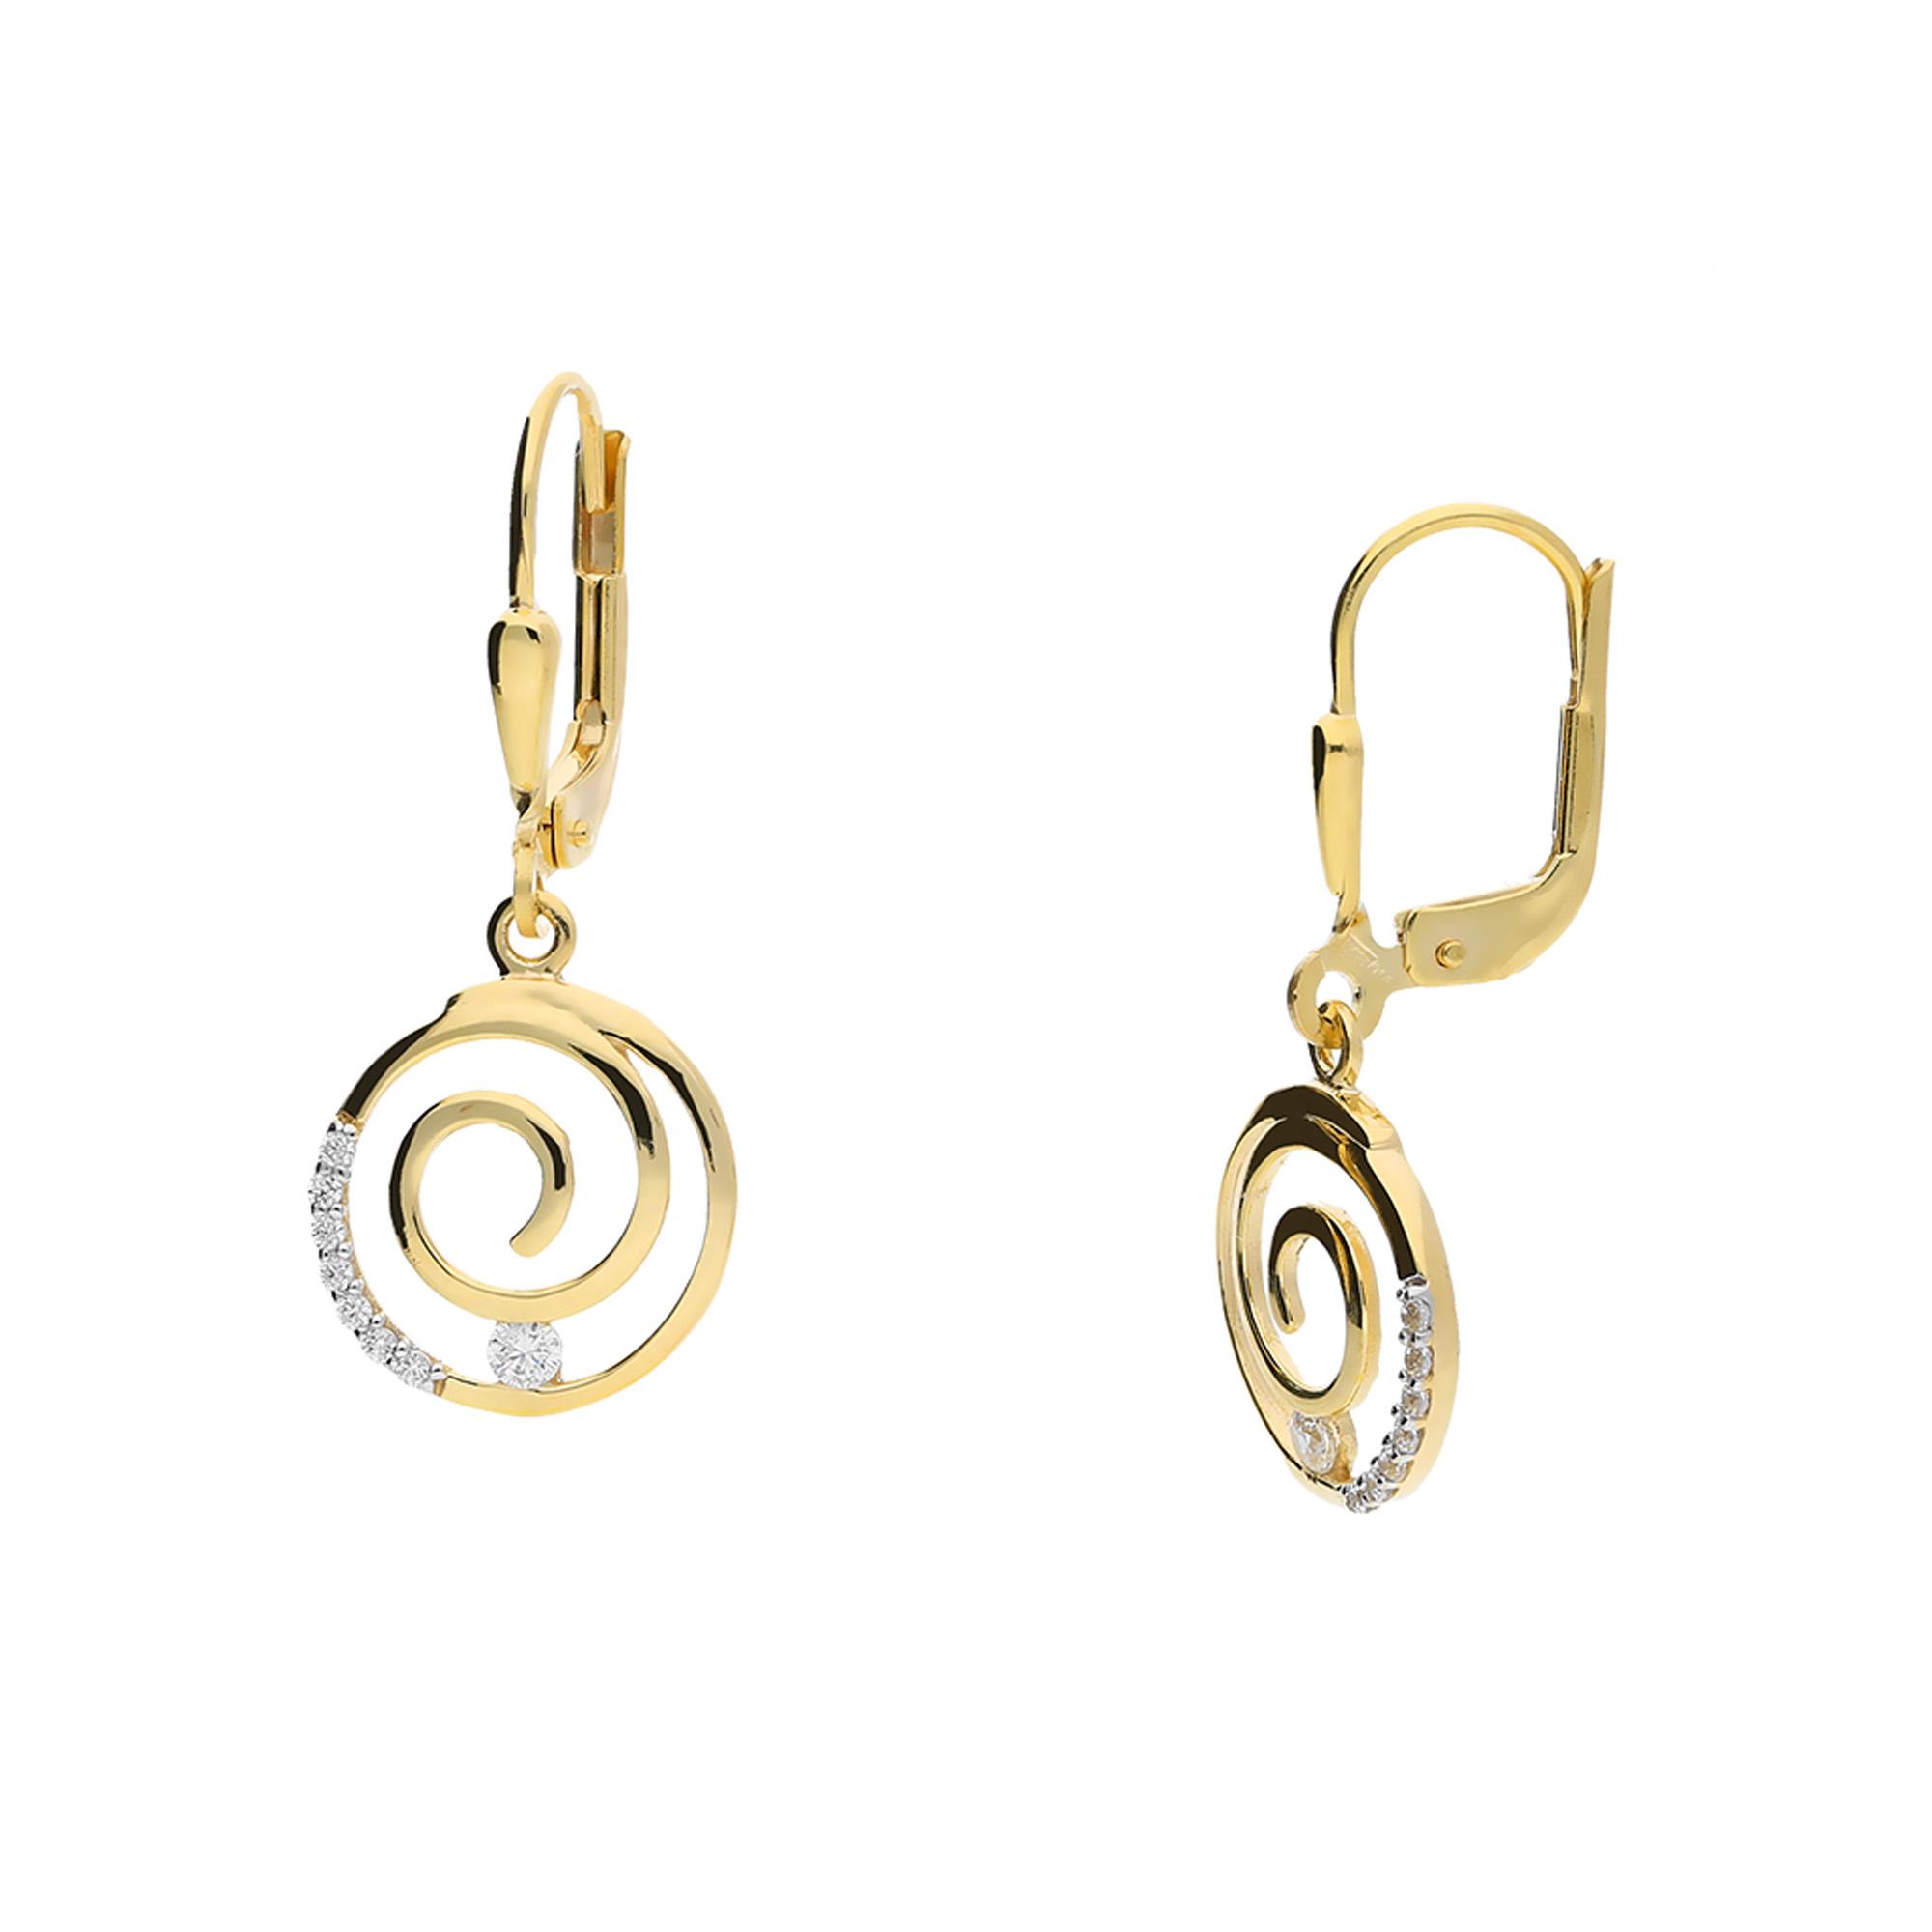 juwelier kraemer ohrringe zirkonia 333 gold juwelier. Black Bedroom Furniture Sets. Home Design Ideas